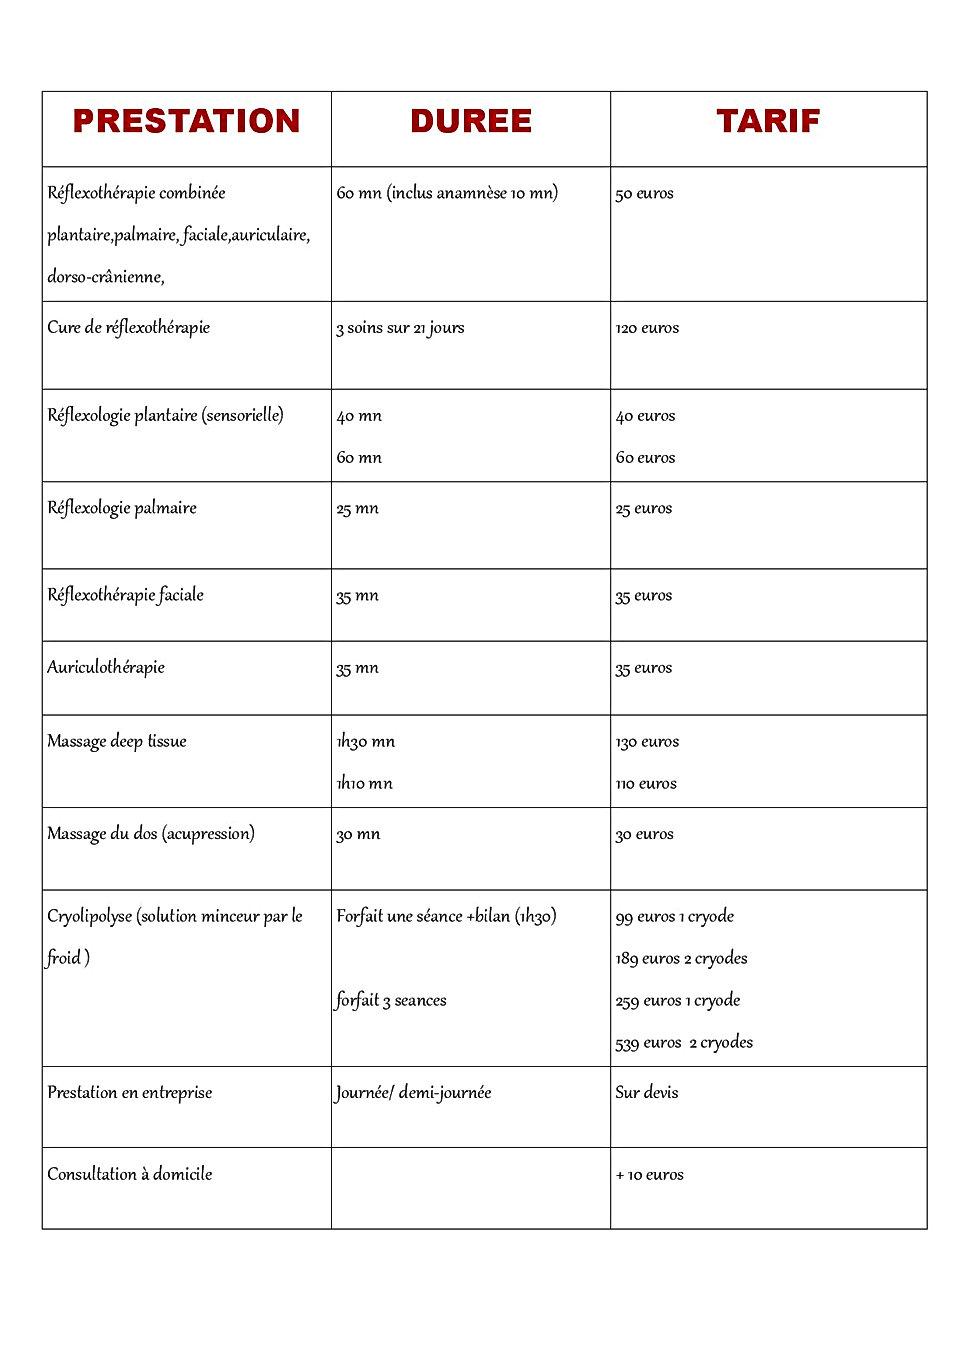 tarif 2020 groupon-page-001.jpg